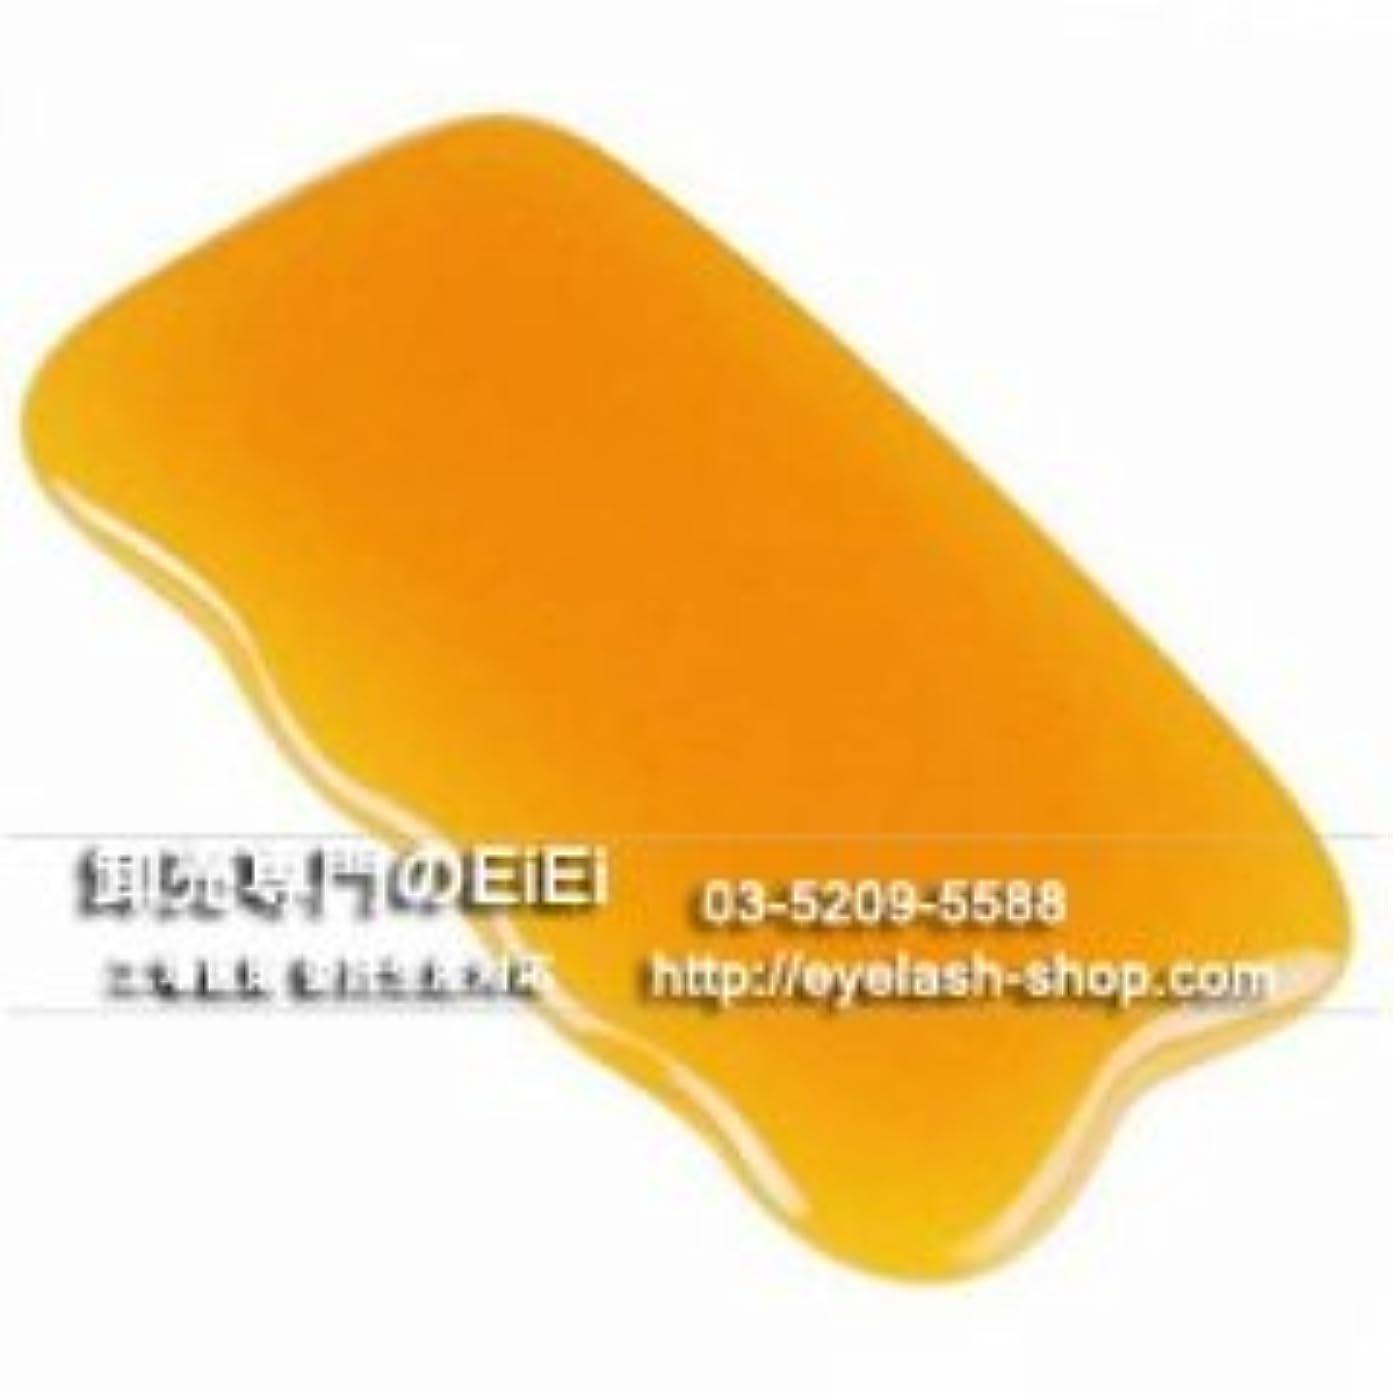 引き渡す大理石確立かっさ板 蜜蝋かっさプレート 美容マッサージかっさ板 グアシャ板 C-17